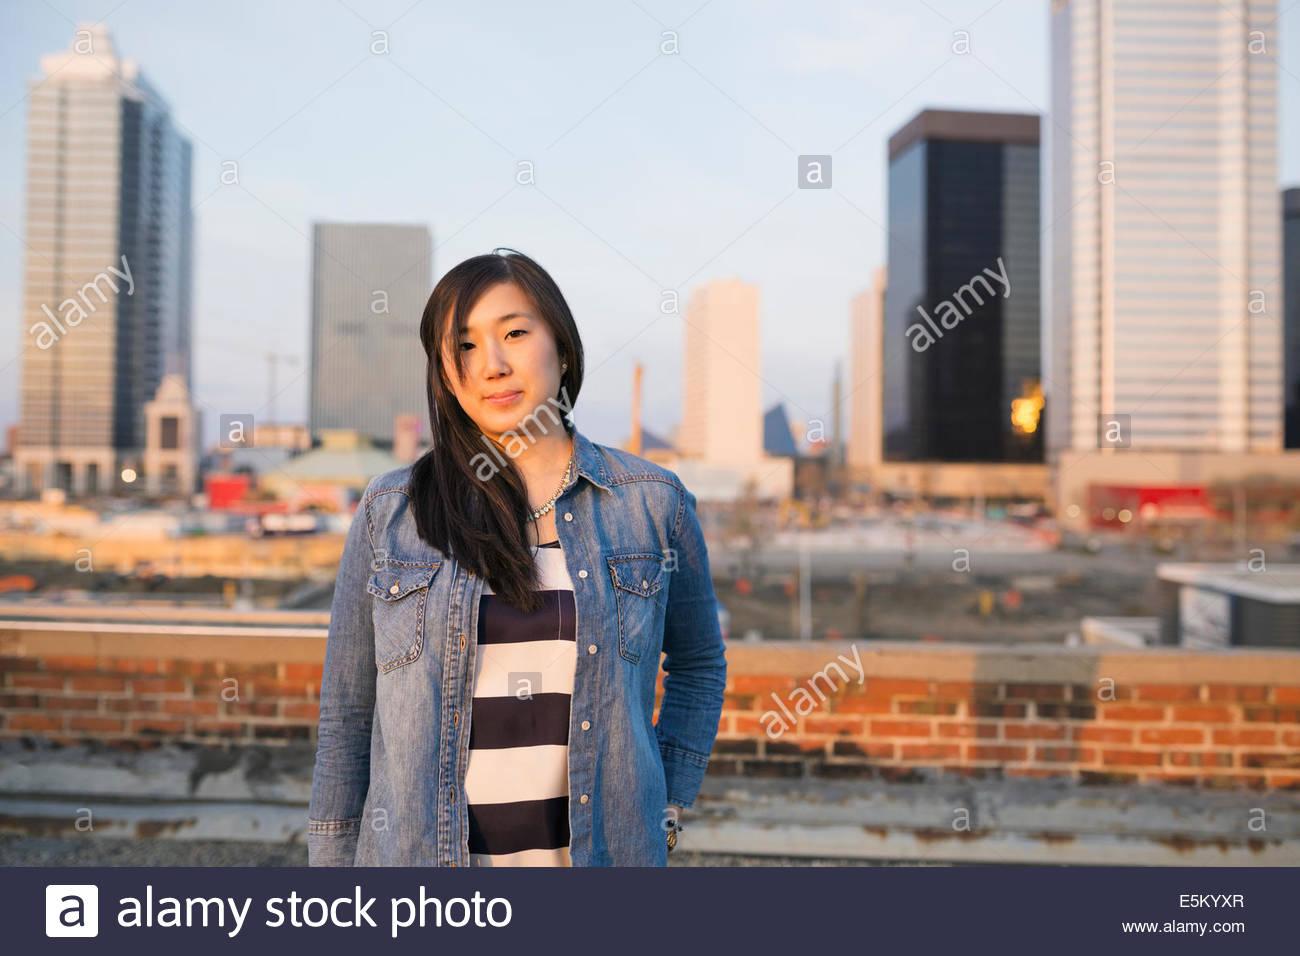 Ritratto di donna sul tetto urbano Immagini Stock